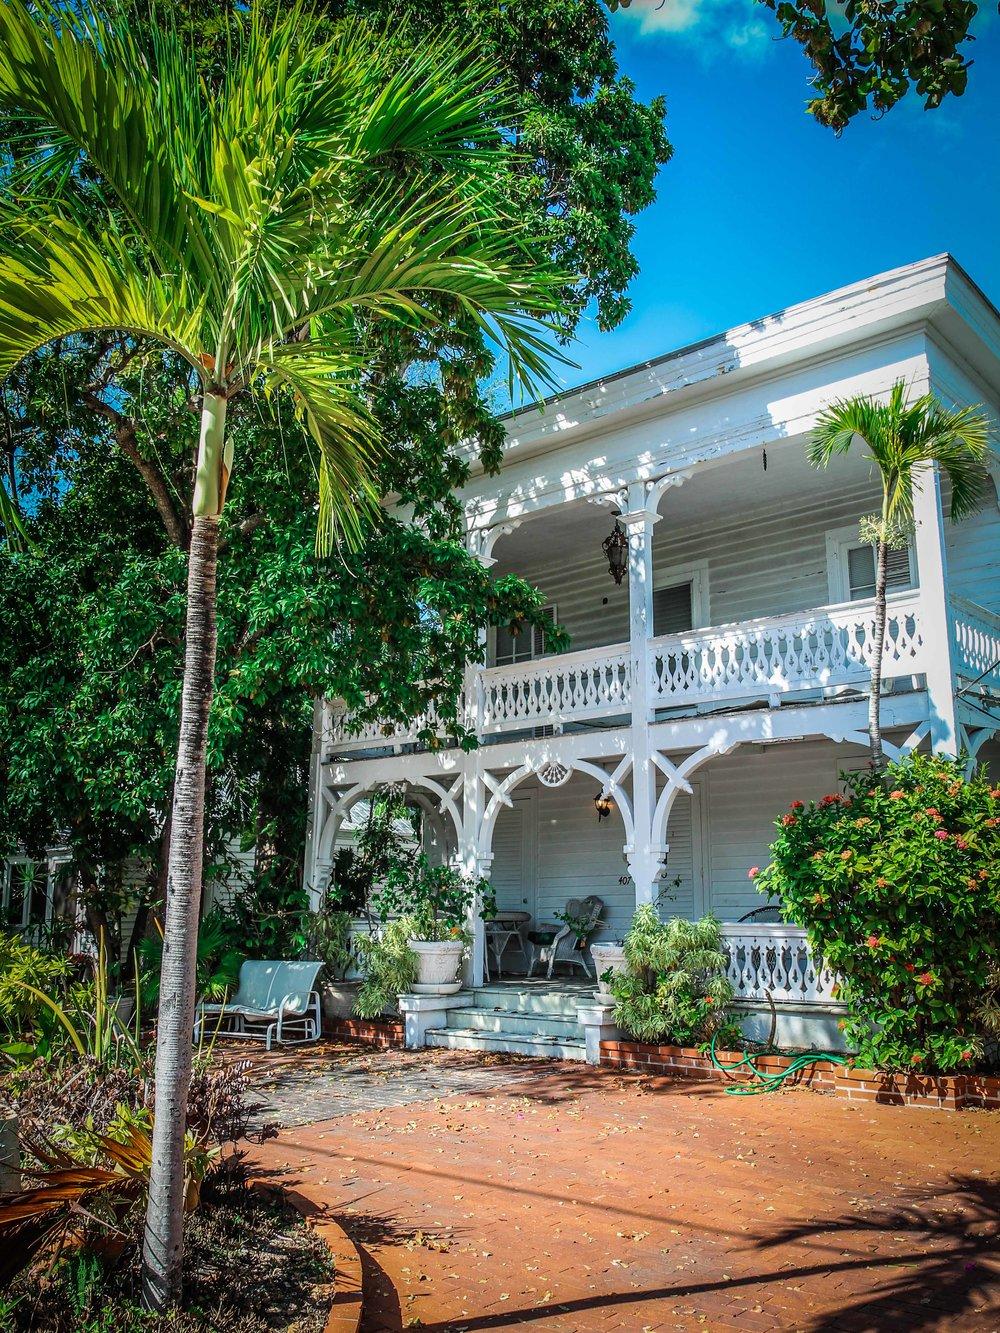 Florida_keys-_Key_west_To_do_reizen_met_kinderen-22.jpg